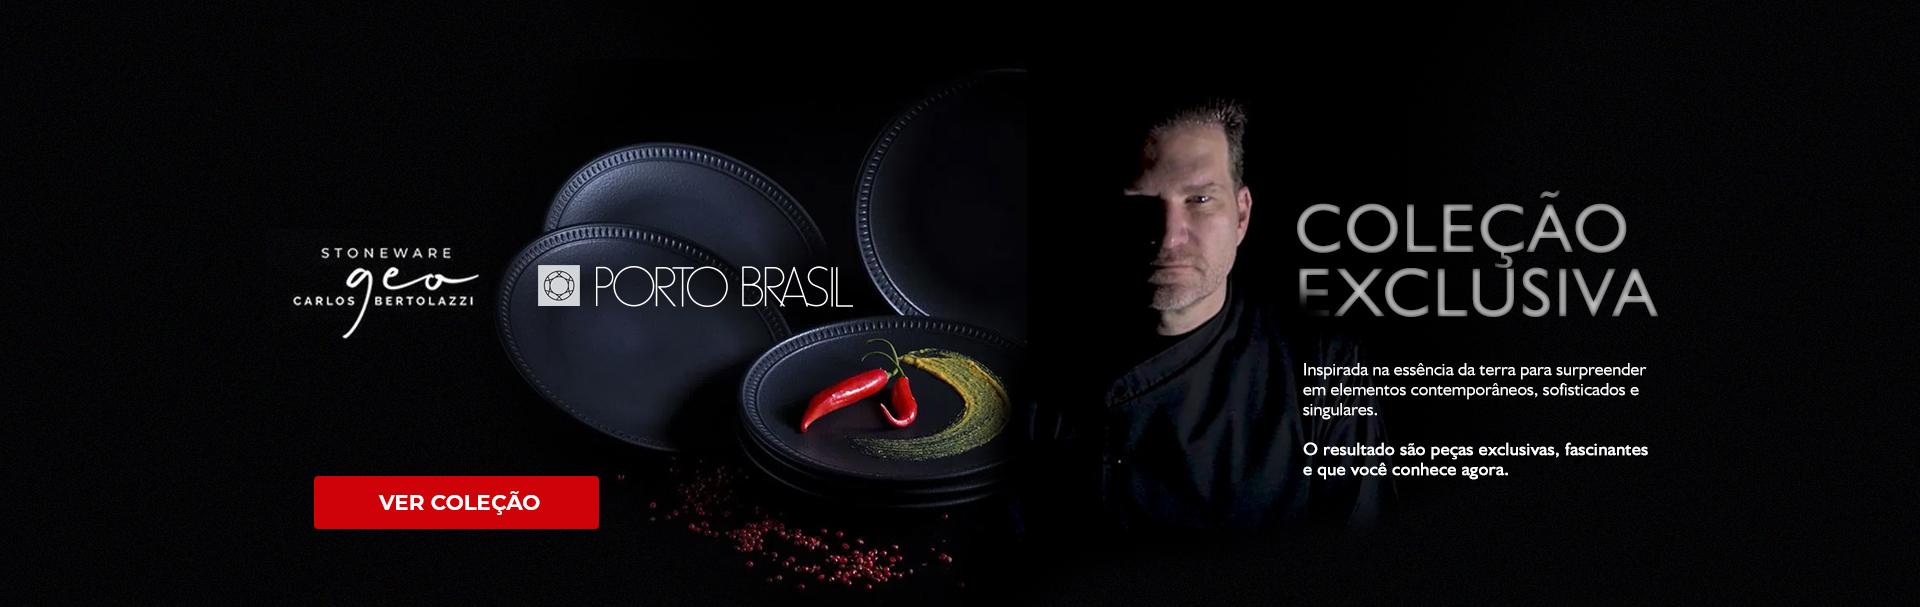 Porto Brasil 2021